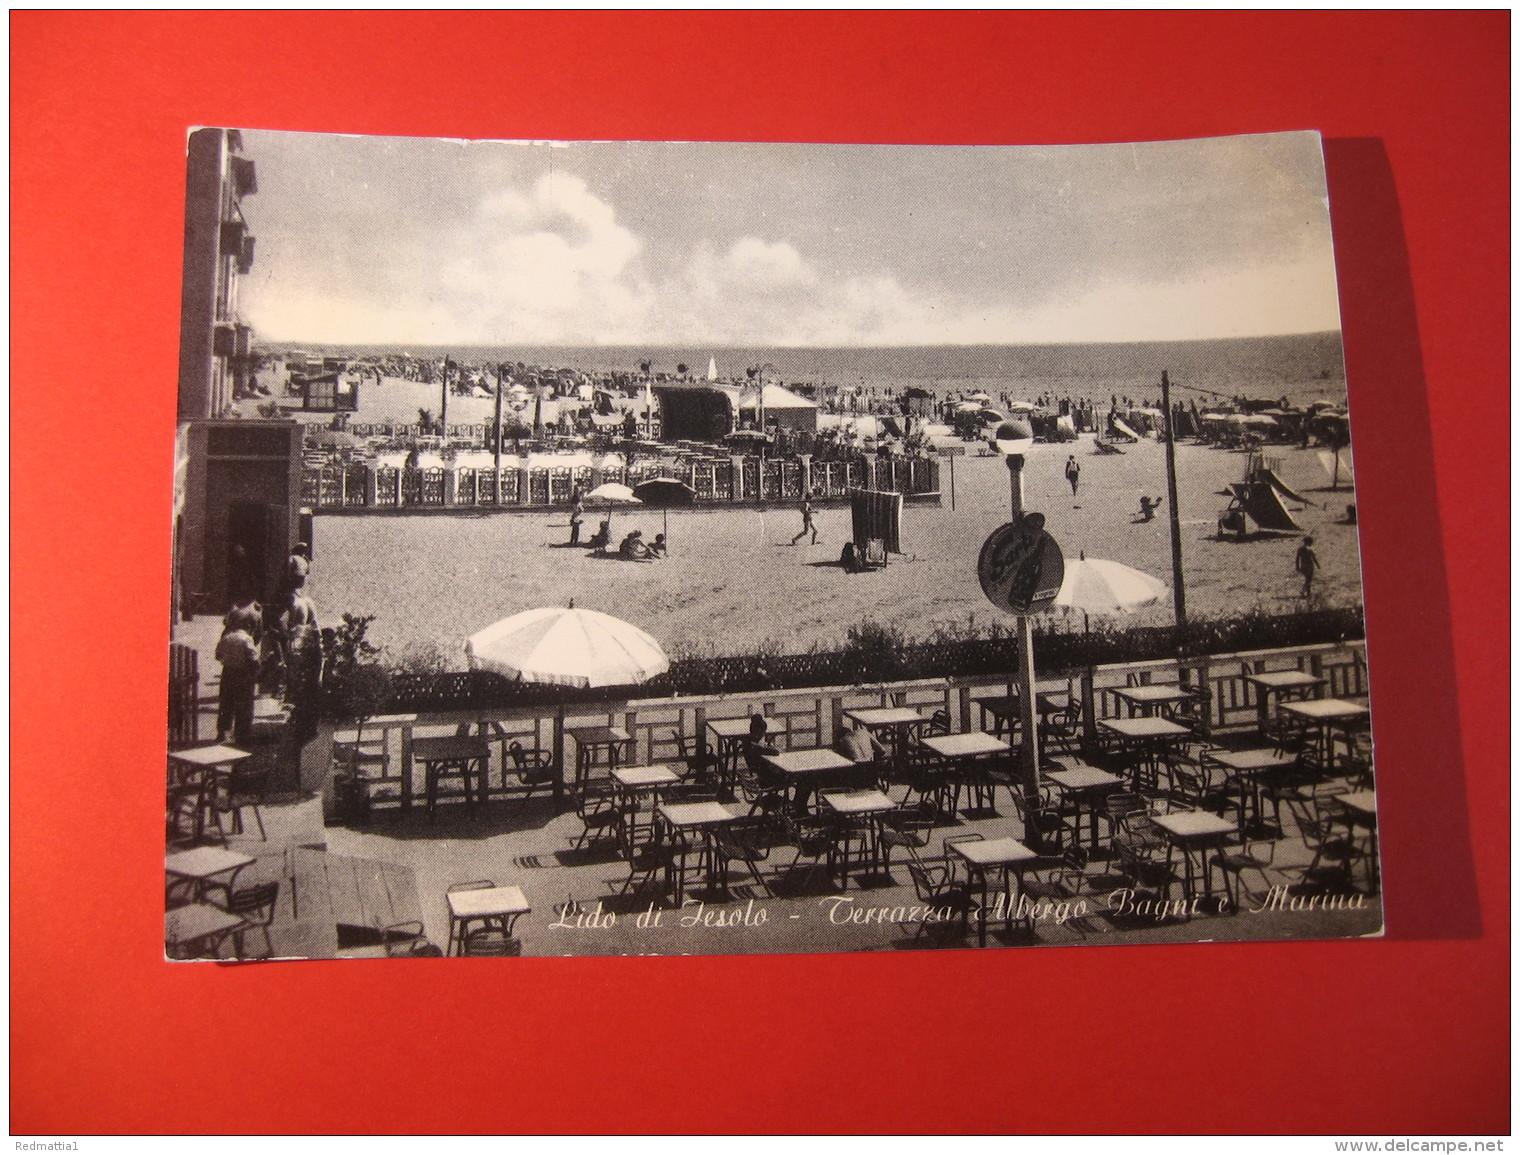 CARTOLINA   LIDO DI IESOLO TERRAZZA ALBERGO BAGNI E MARINA     ANIMATA    D - 3871 - Venezia